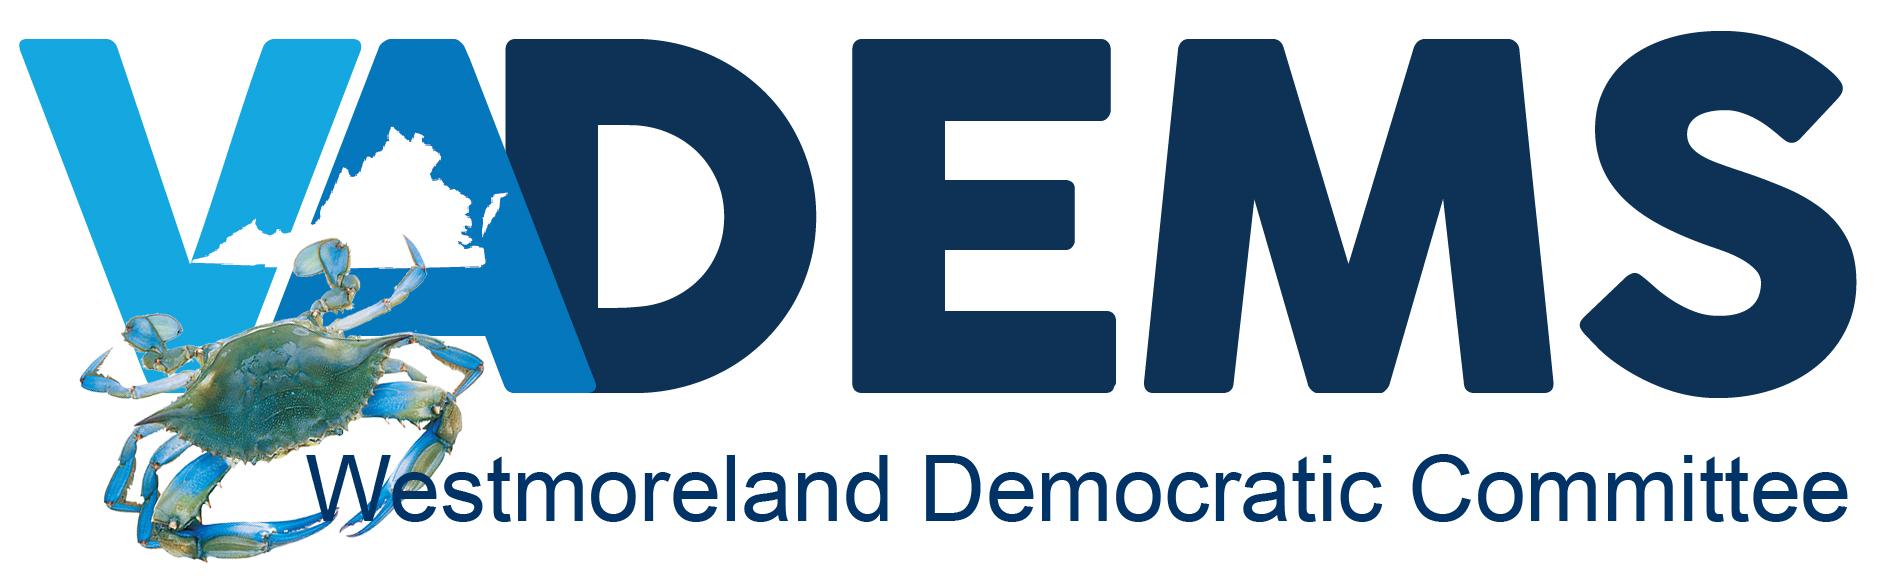 Westmoreland Democratic Committee (VA)